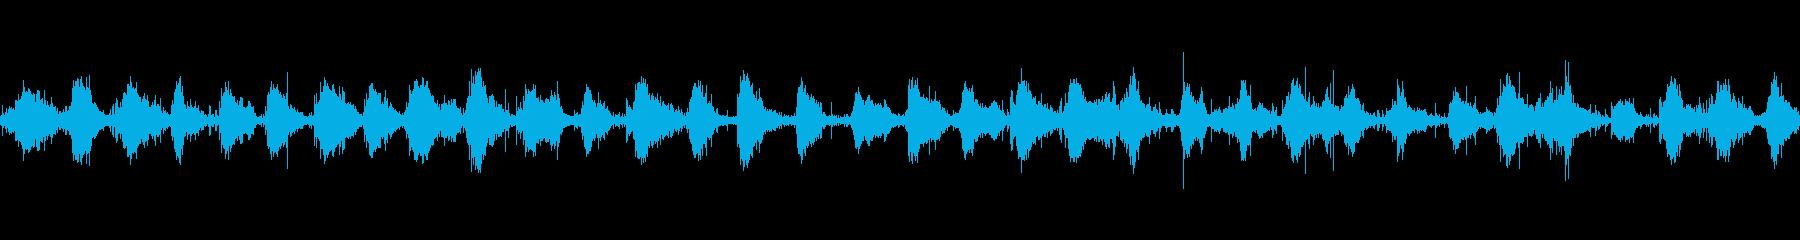 落ち葉の上を走る(落葉多め・ループ対応)の再生済みの波形